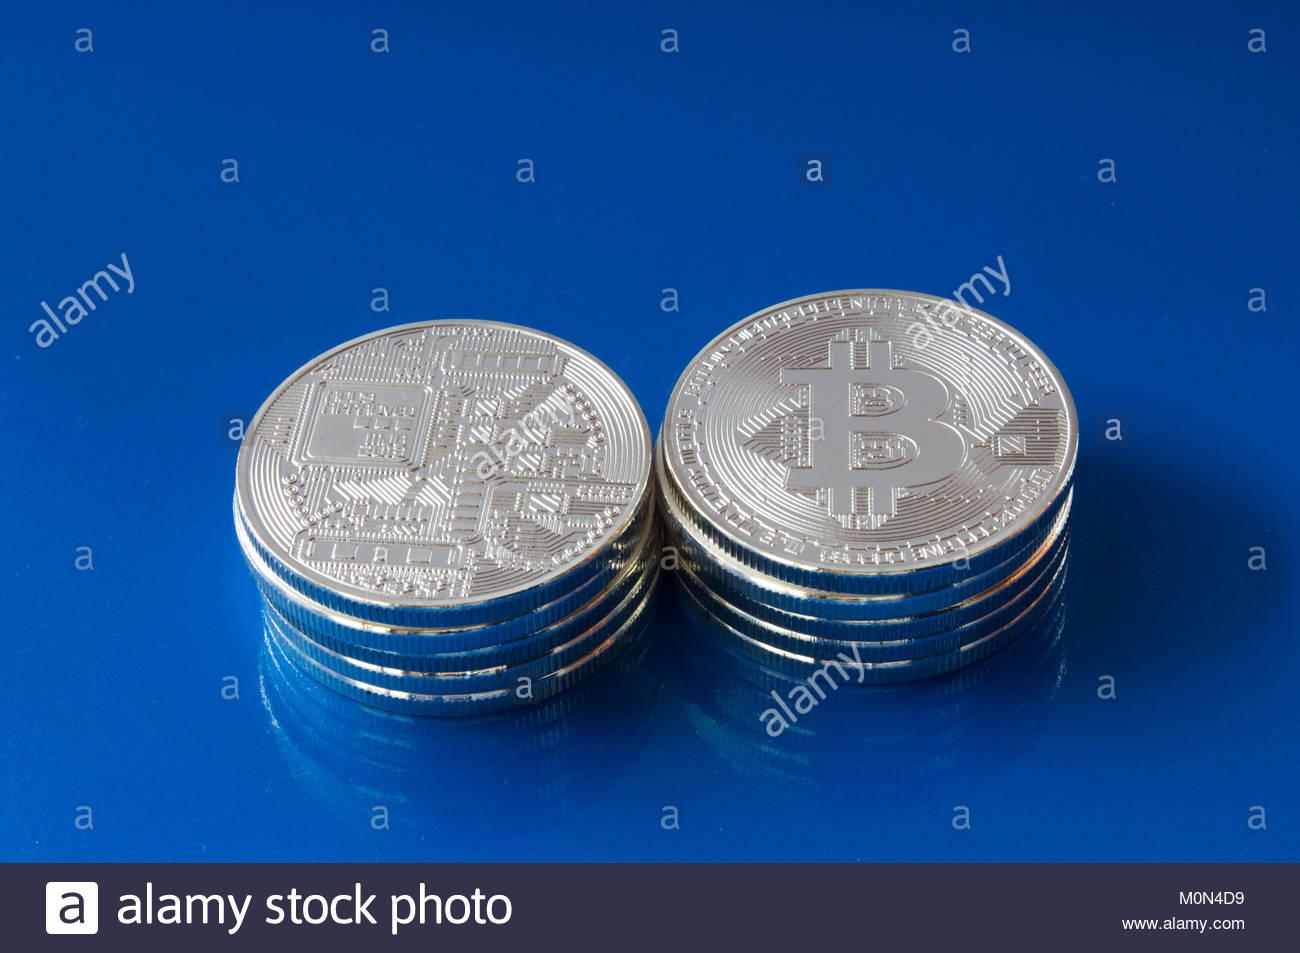 Fentes À Monnaie Photos & Fentes À Monnaie Images - Alamy concernant Monnaie Fictive